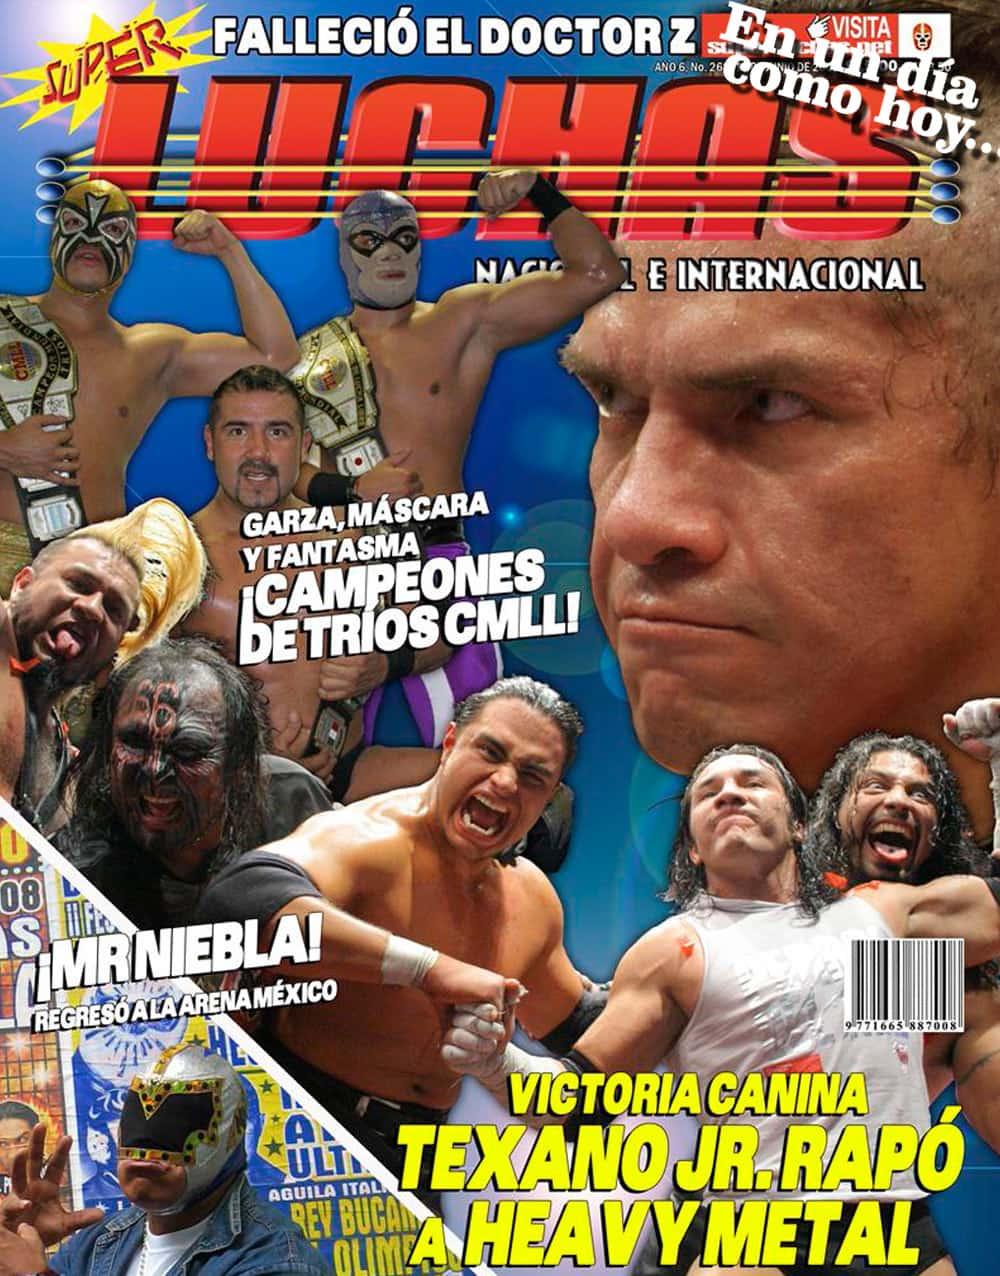 En un día como hoy... 2008: Heavy Metal, rapado en Infierno en el Ring... AAA celebra Triplemanía XVI 8